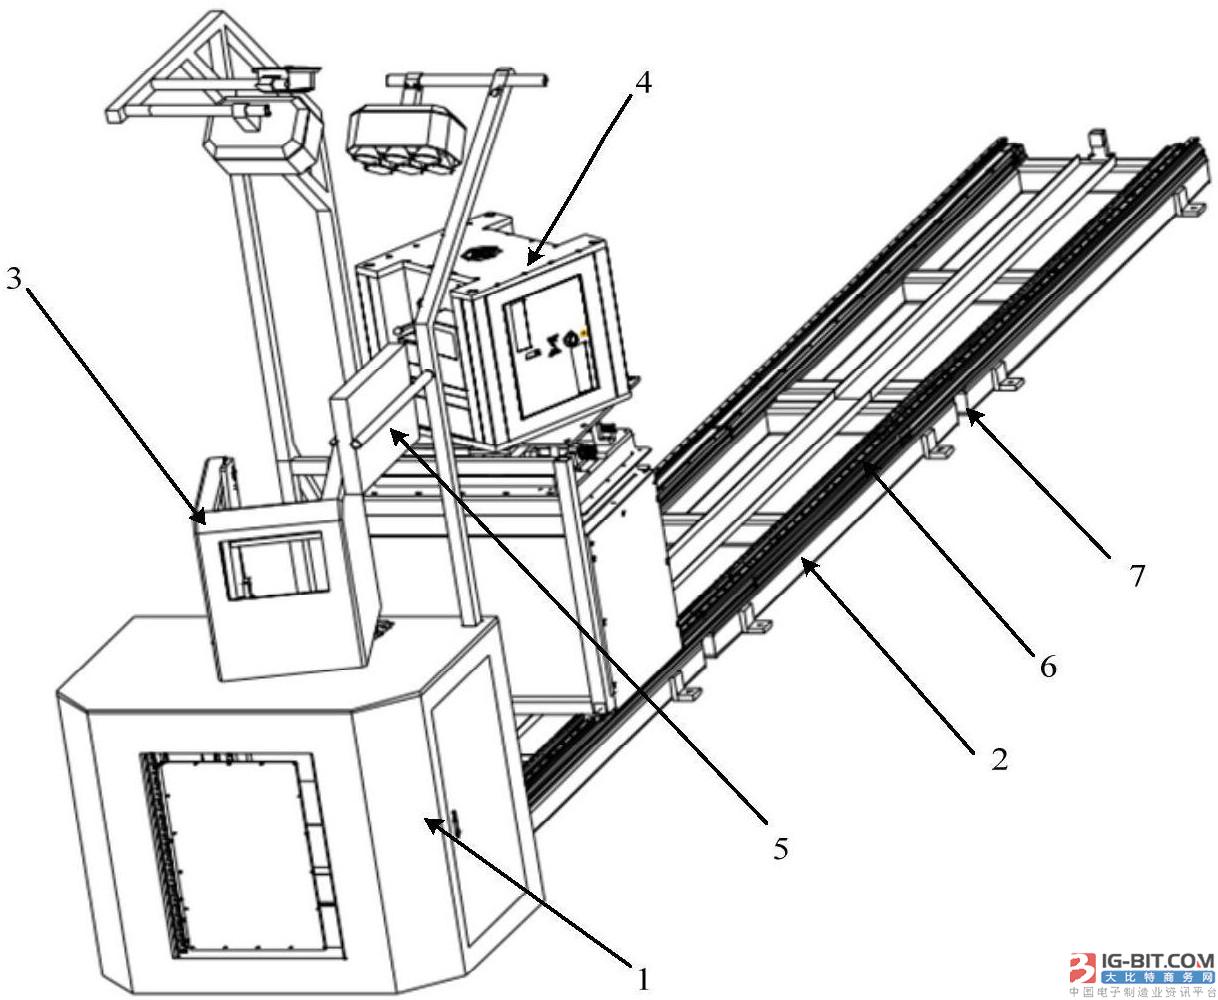 【仪表专利】一种智能电表红外通信性能检测系统